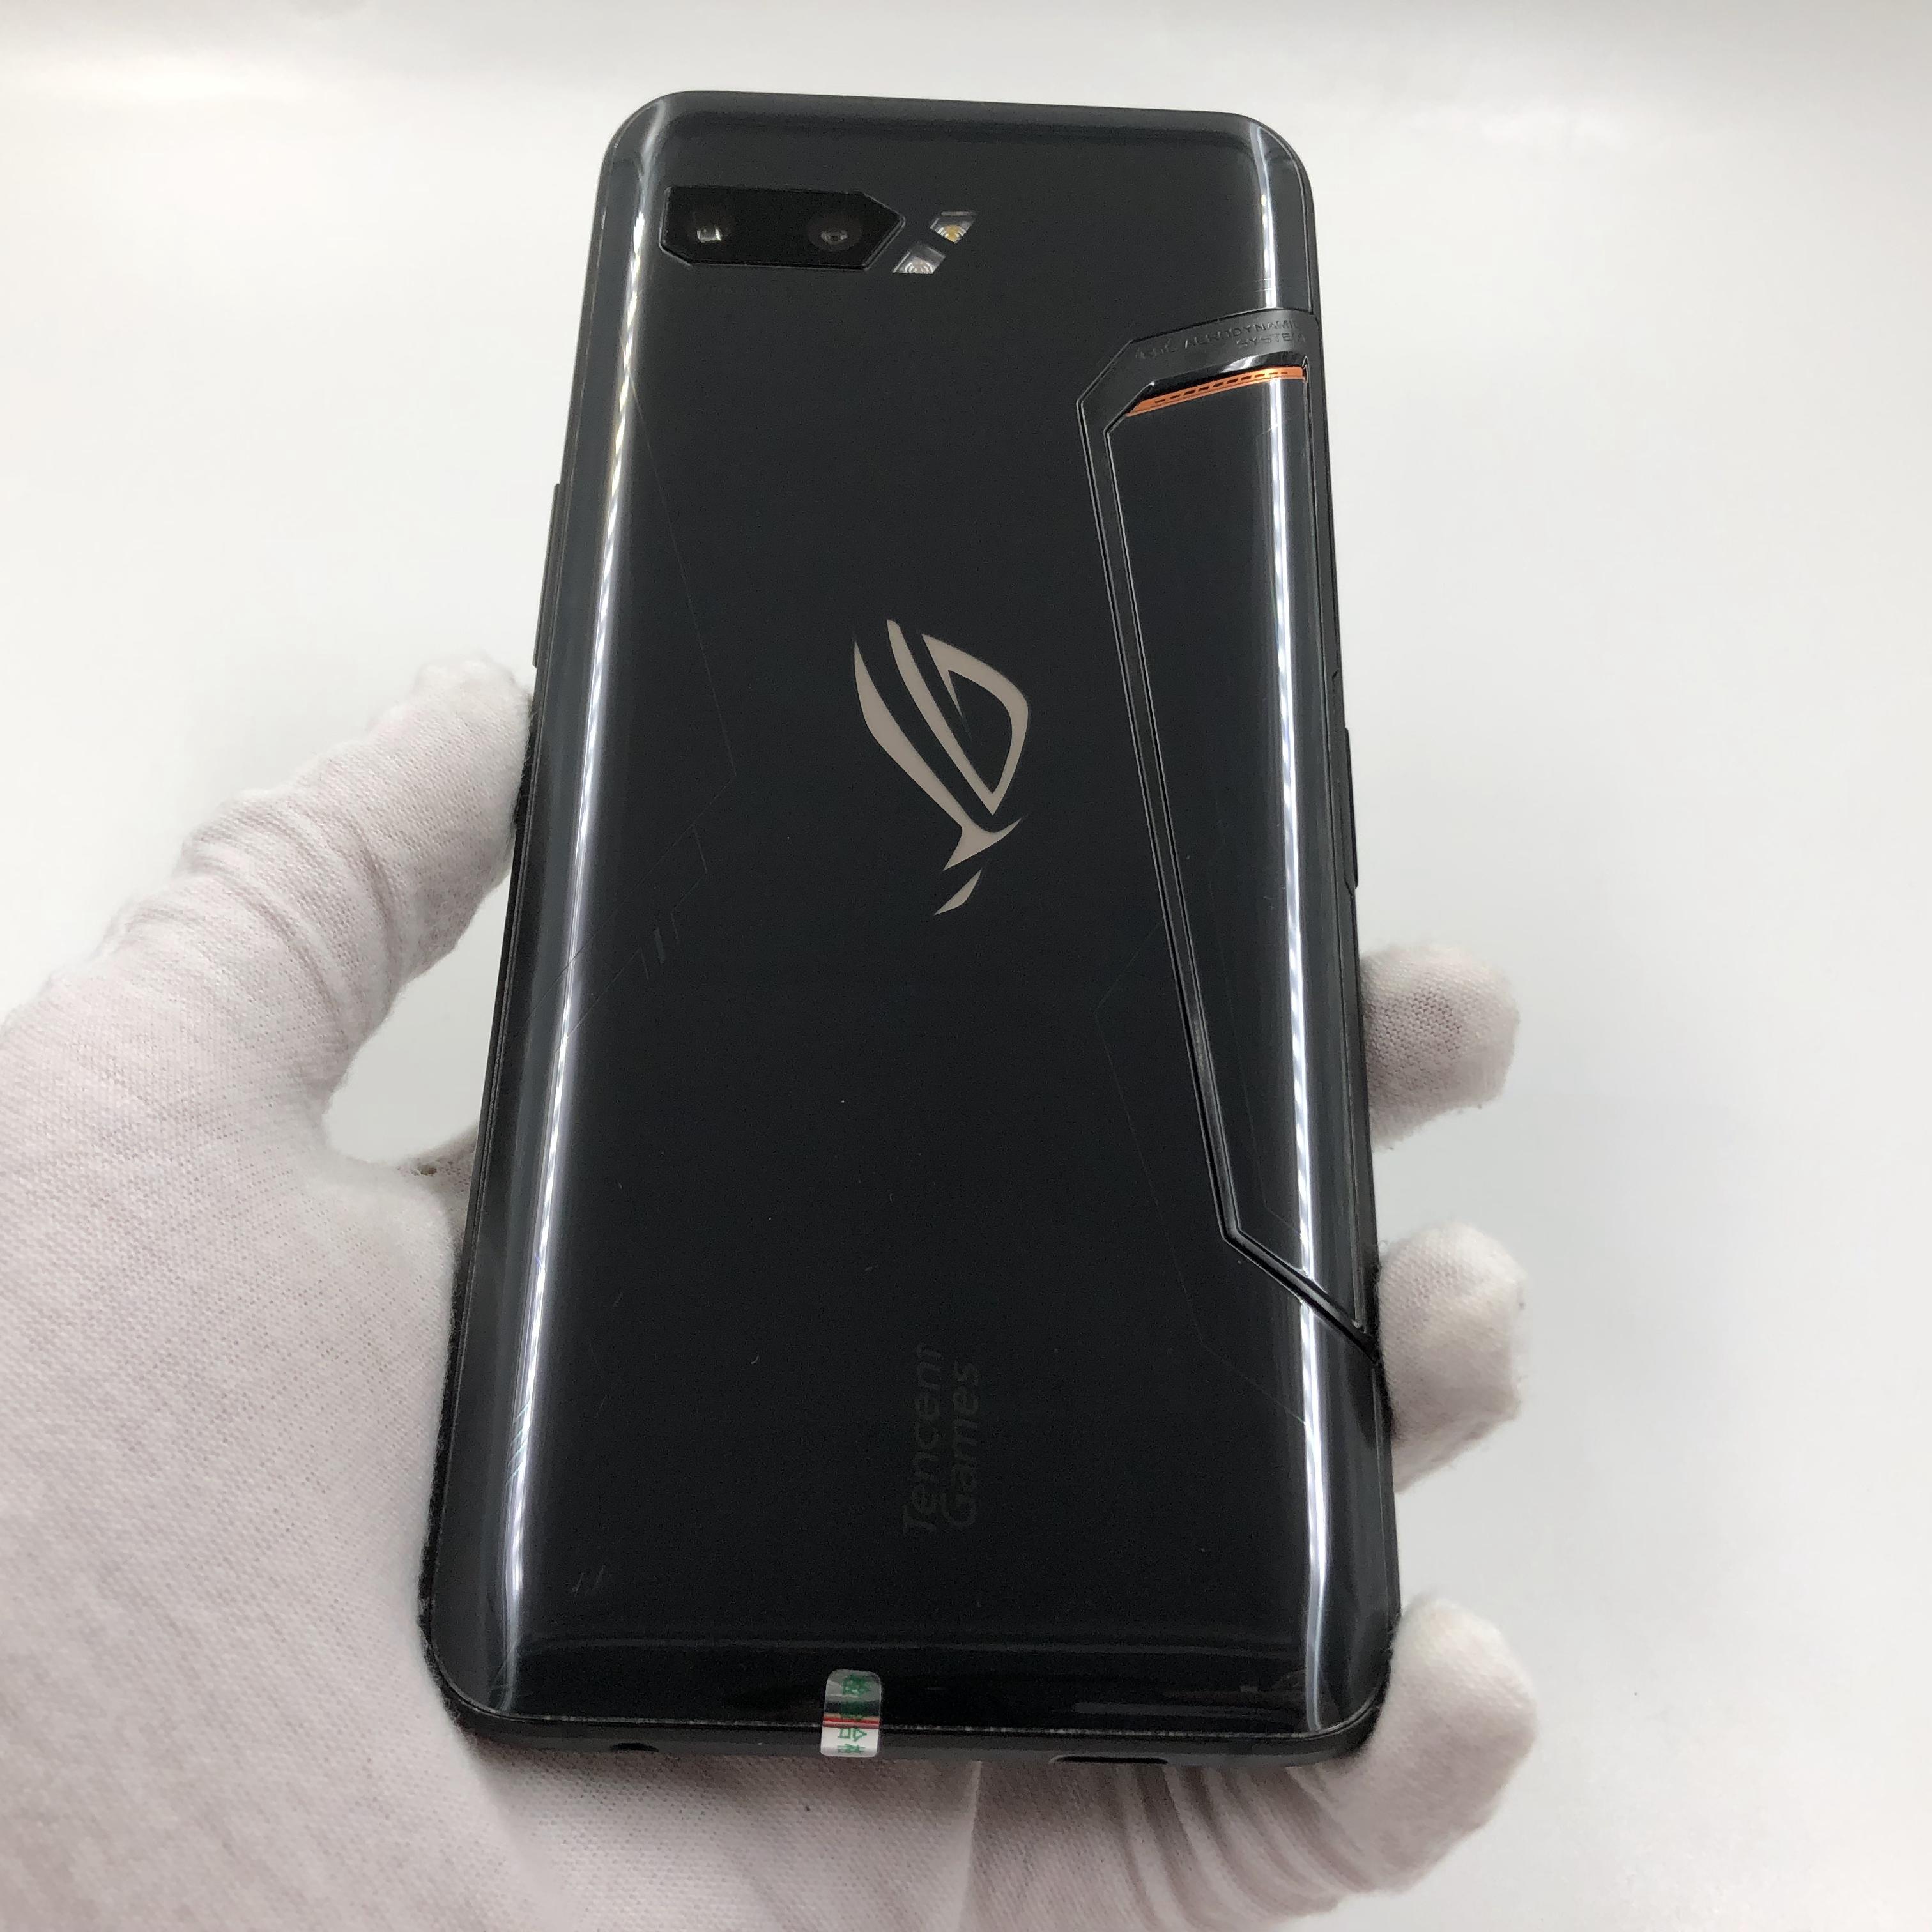 华硕【ROG 游戏手机2】4G全网通 黑色 12G/512G 国行 9成新 真机实拍